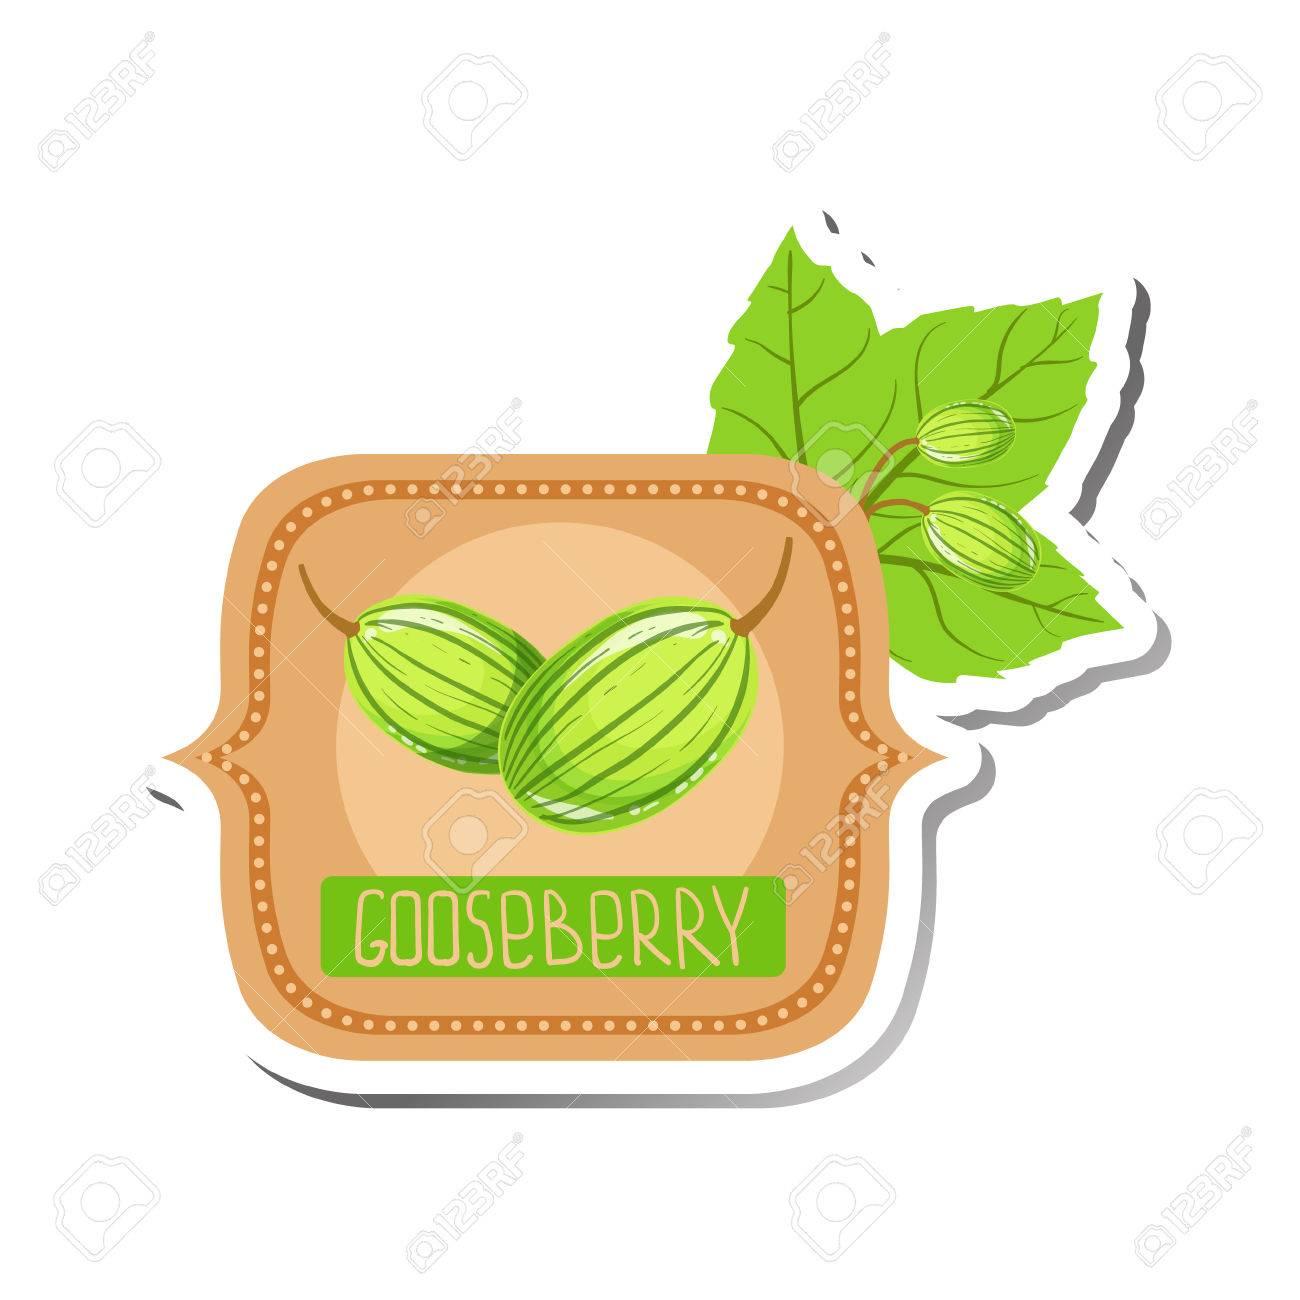 Gooseberry Bright Color Jam Label Sticker Template In Square